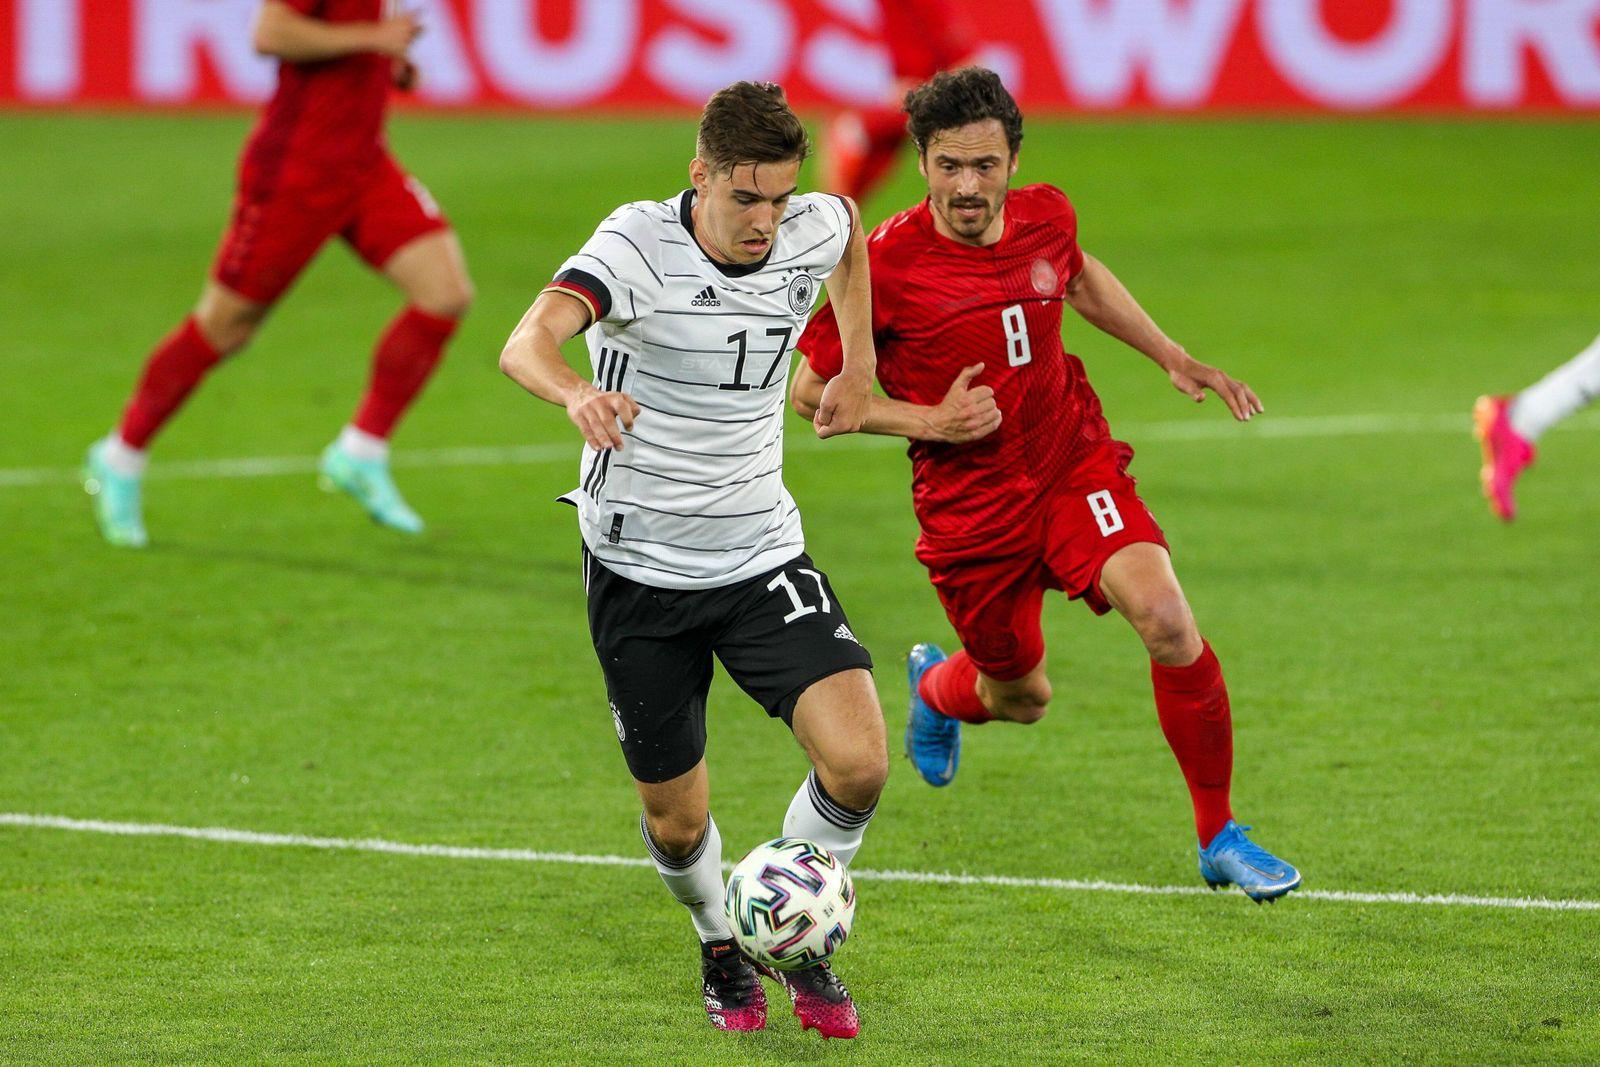 l-r: im Zweikampf, Aktion, mit Florian Neuhaus 17 (Deutschland) und Thomas Delaney 8 (Daenemark), Deutschland vs. Daenem